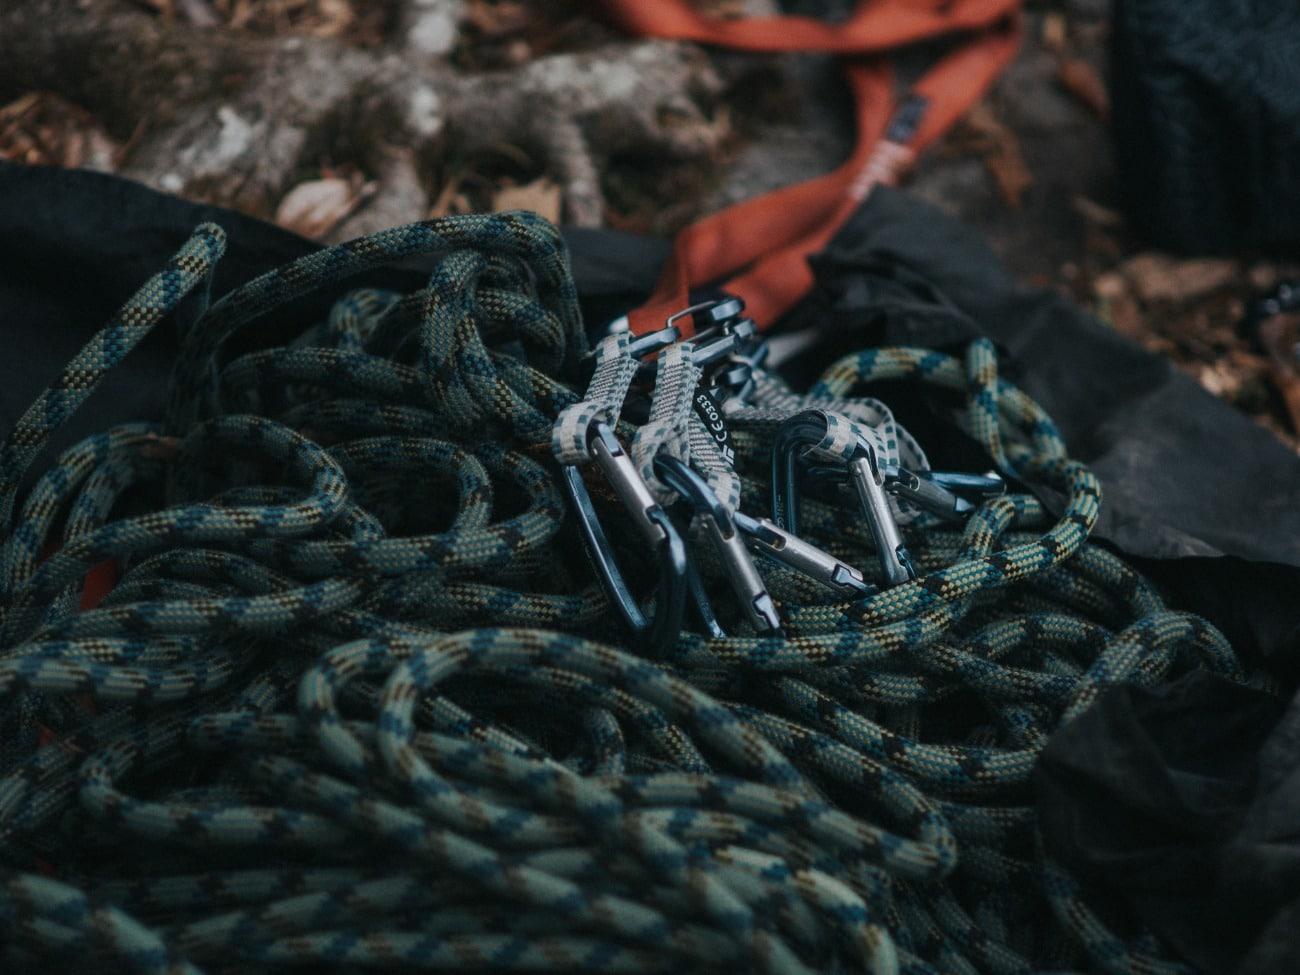 Climbing ropes close up